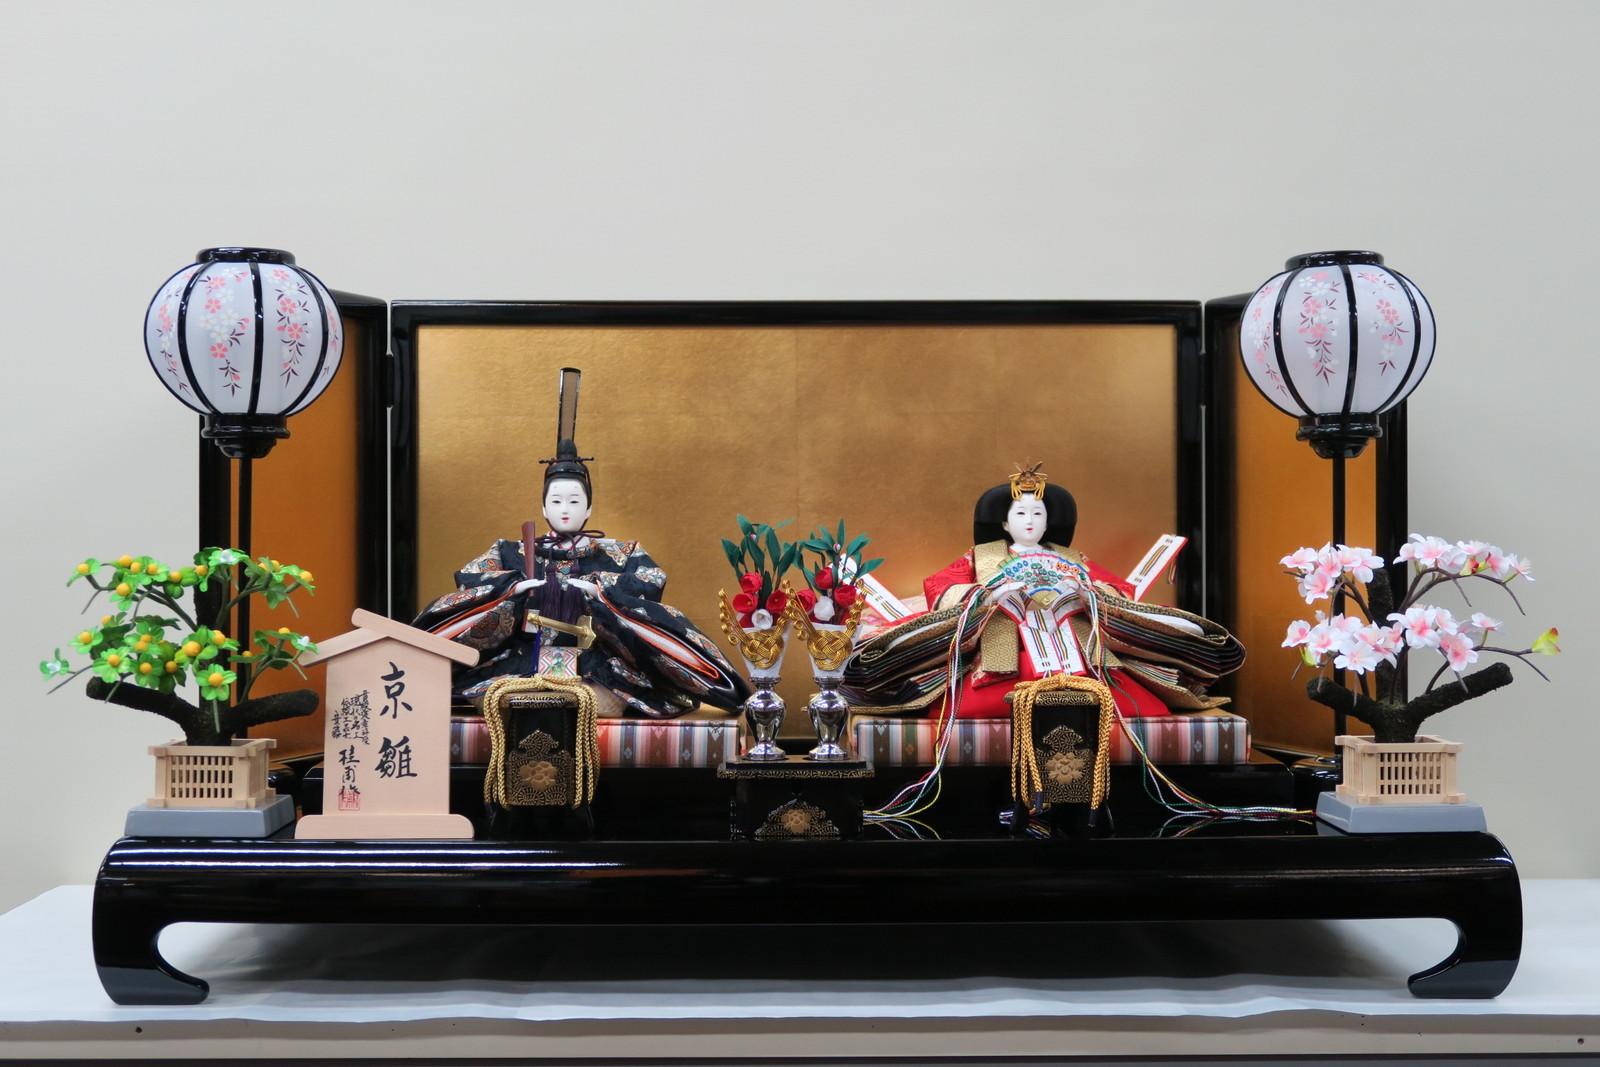 京雛十番雅印上本金金襴親王飾り